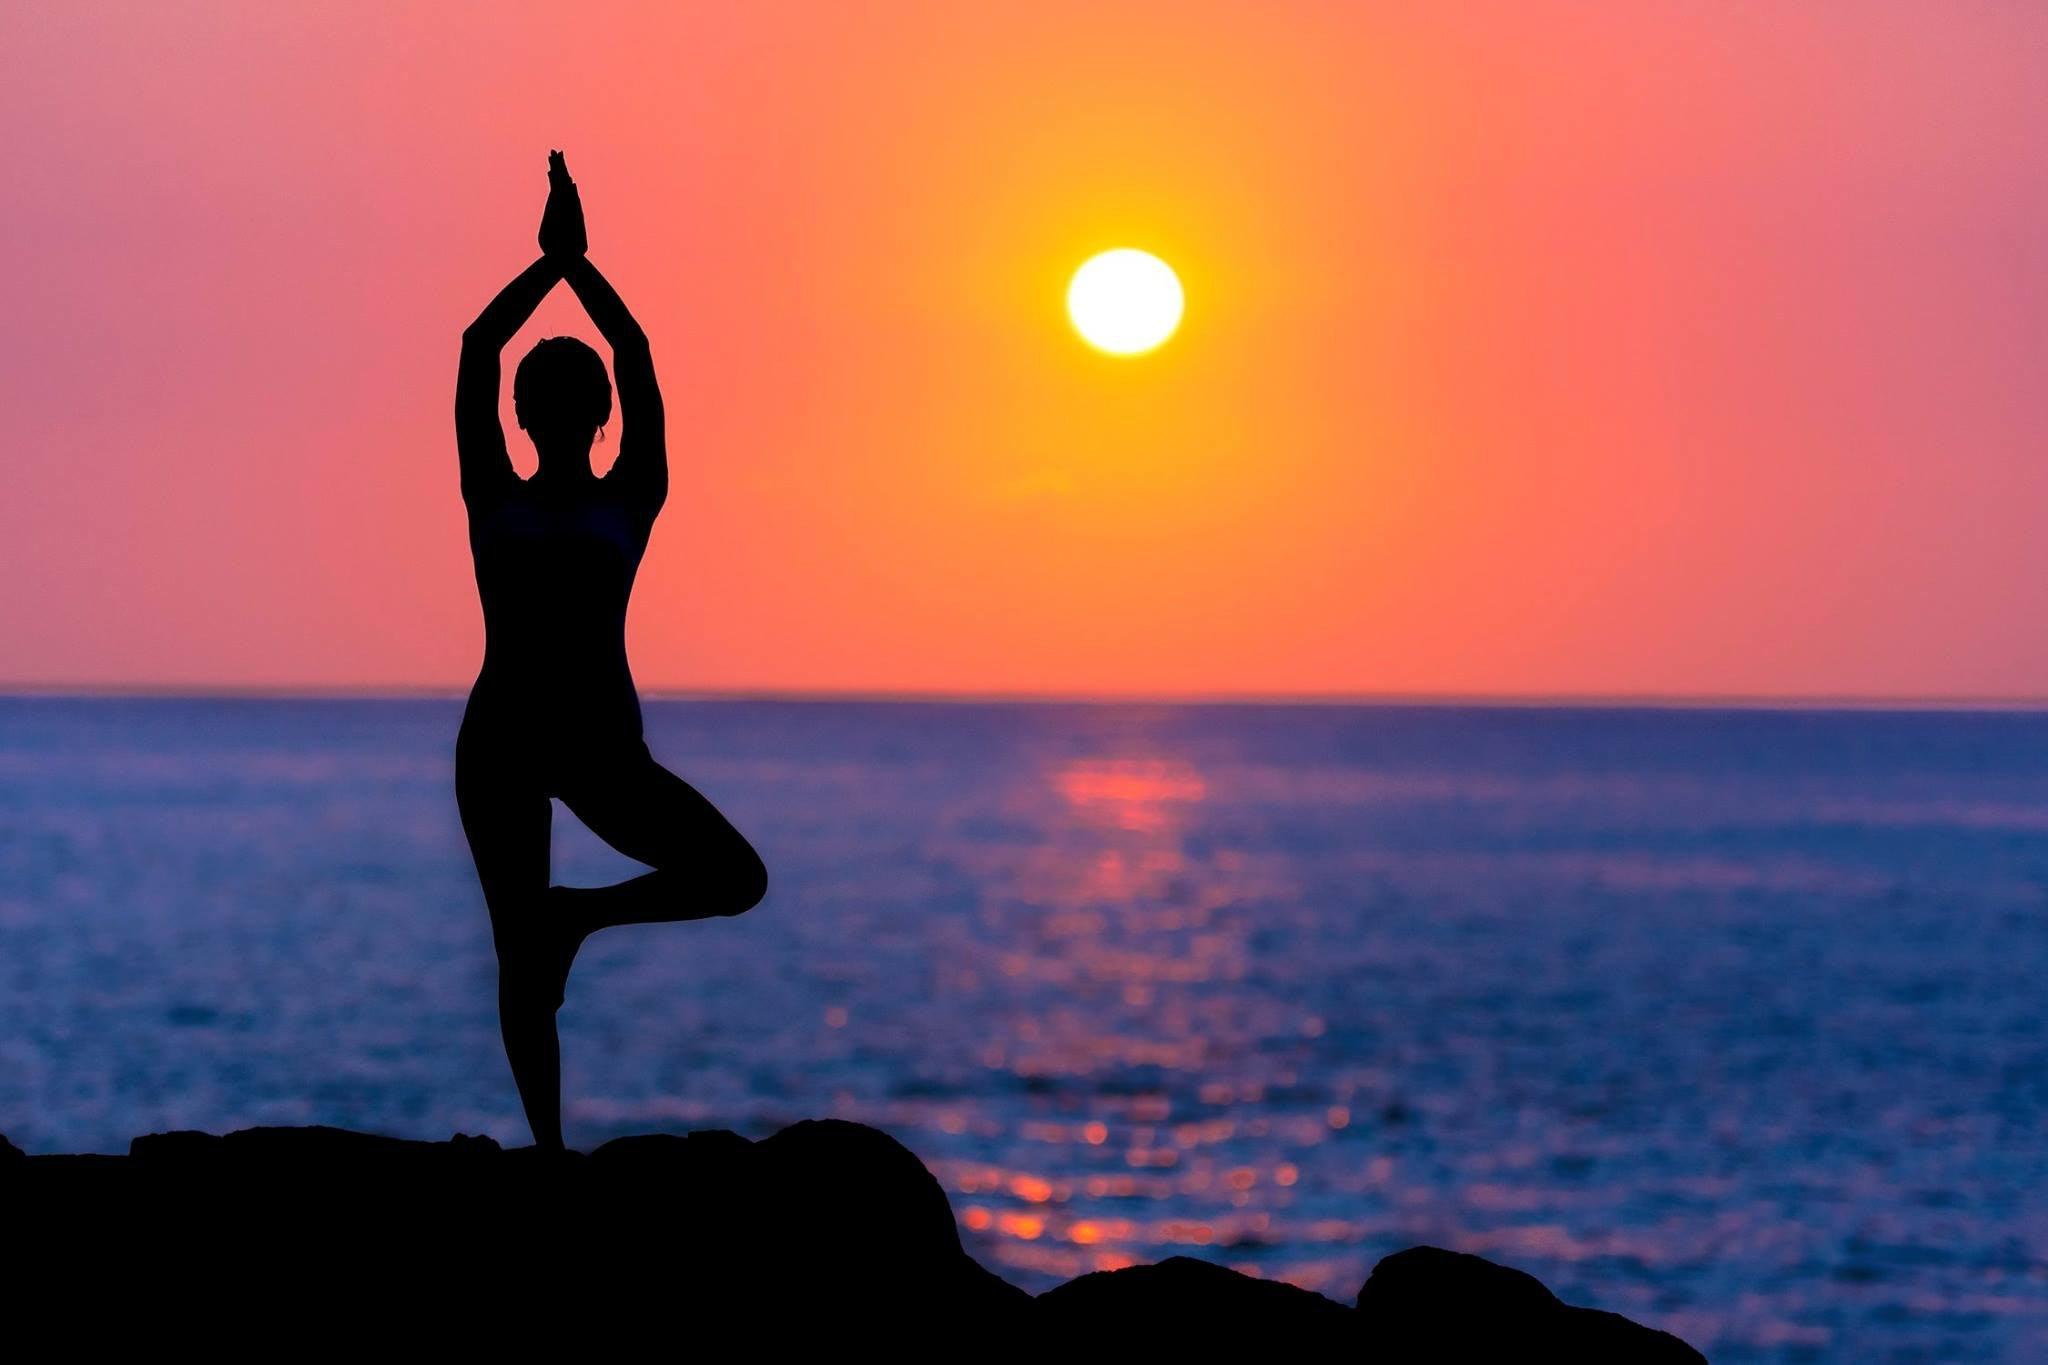 düzenli spor alışkanlığı, duruş bozukluğu çeşitleri, duruş bozukluğu, dik durmak